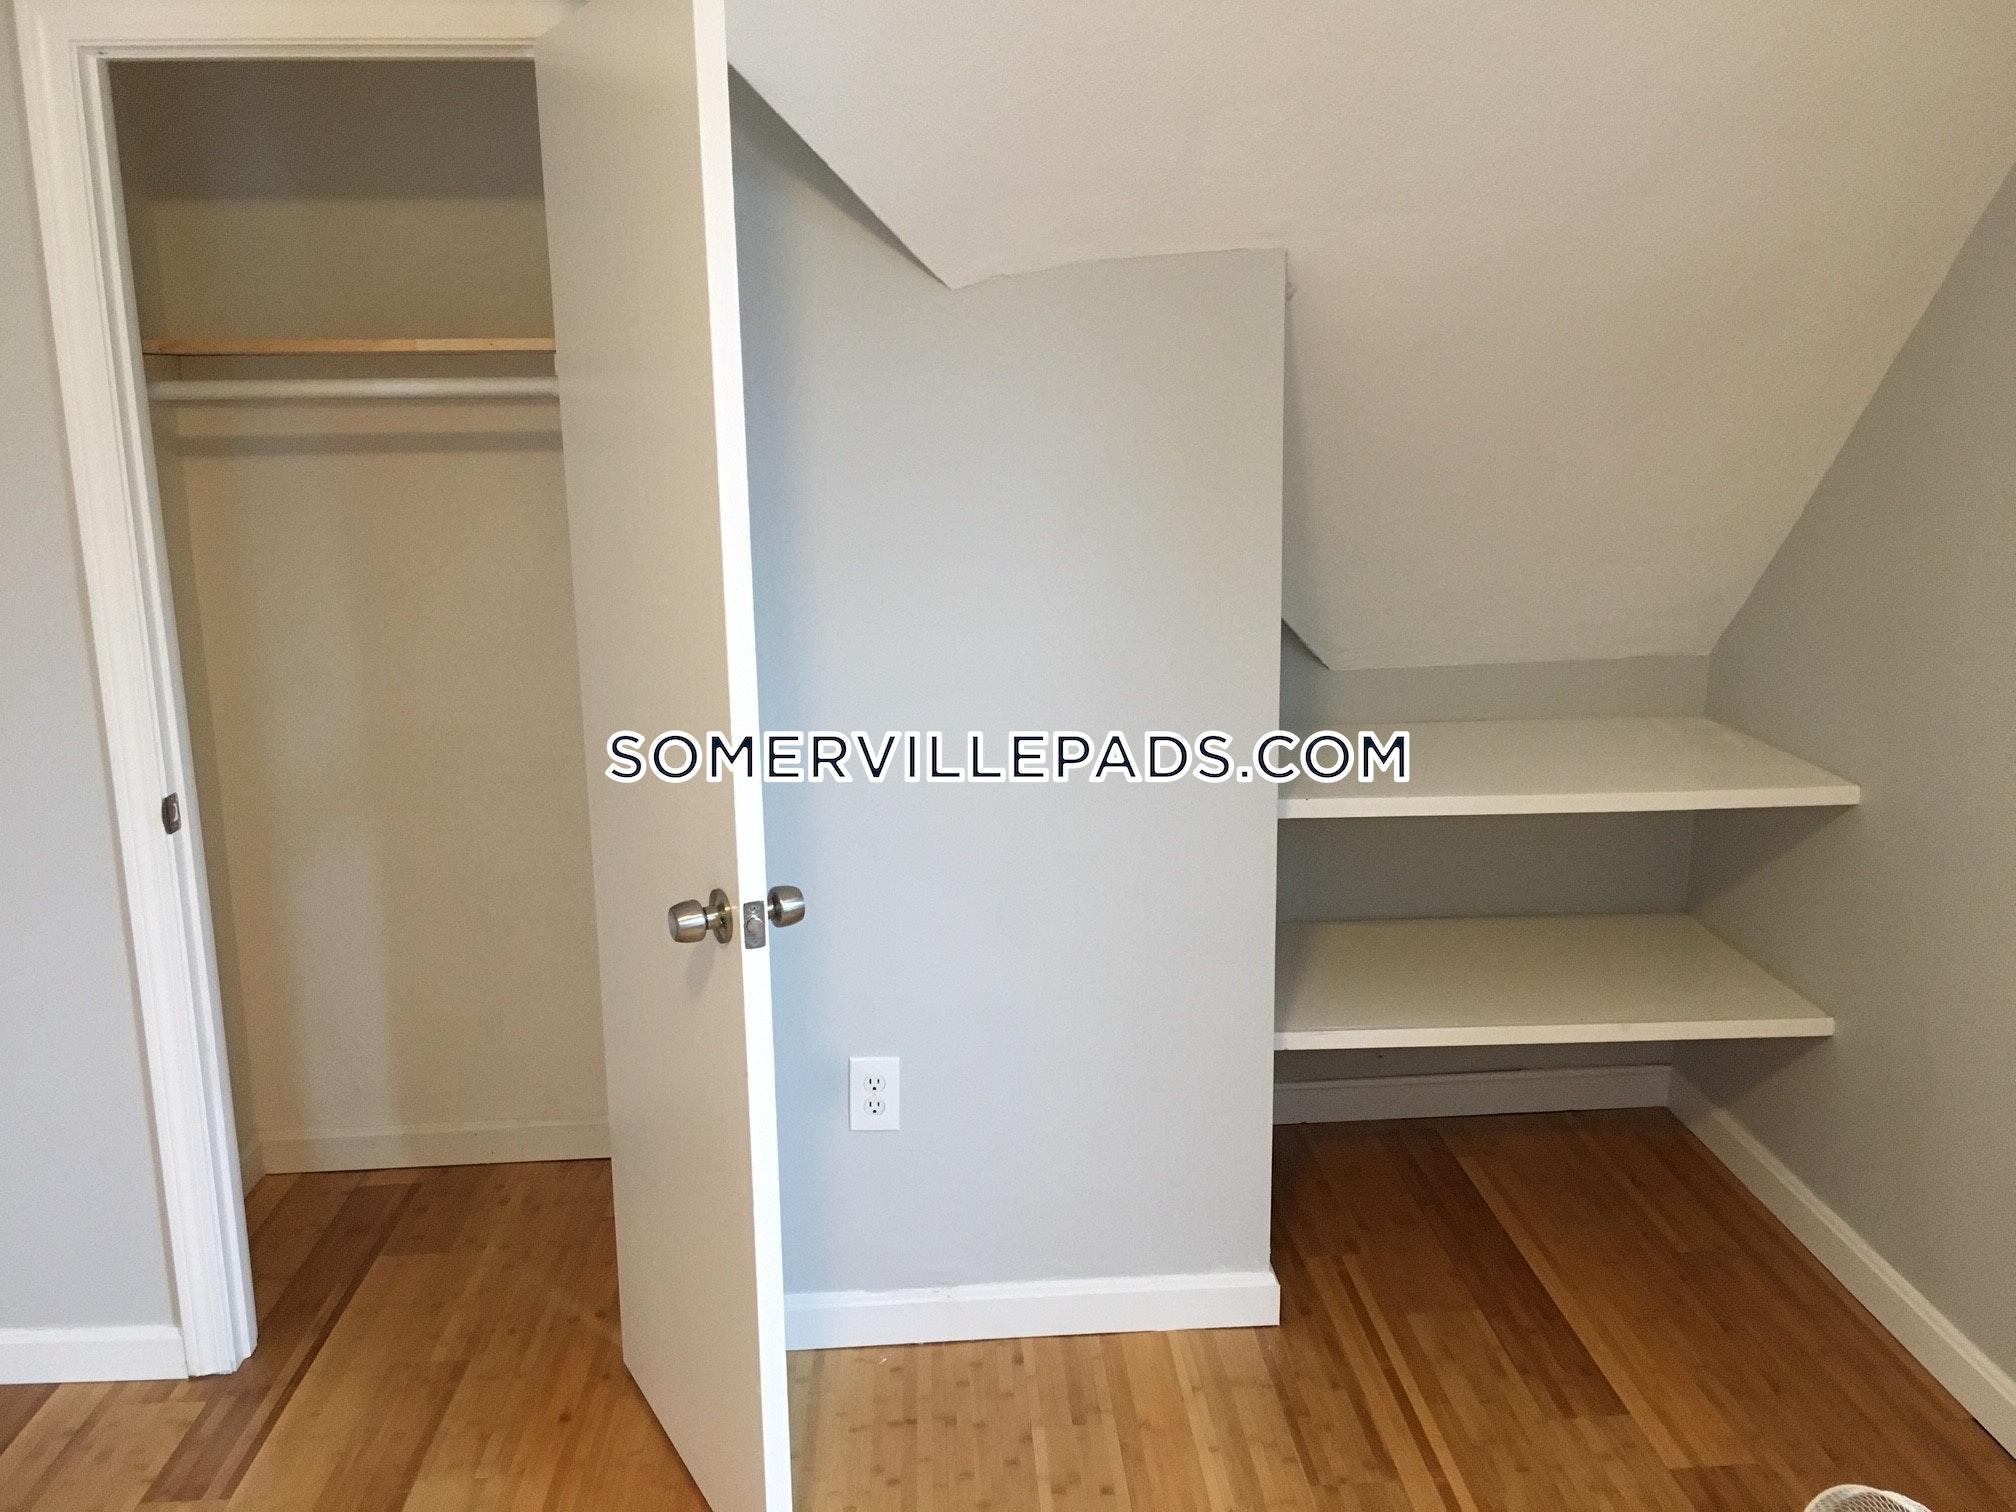 4-beds-2-baths-somerville-porter-square-4200-448756